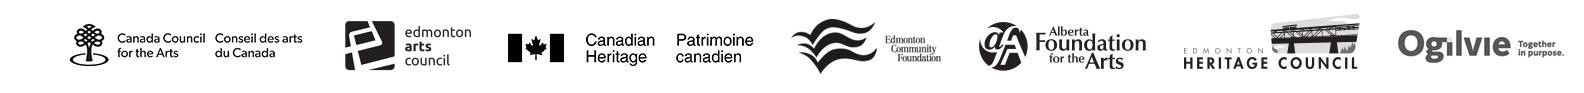 """Daniel Bastien   The following is placeholder text known as """"lorem ipsum,"""" which is scrambled Latin used by designers to mimic real copy. Aliquam bibendum, turpis eu mattis iaculis, ex lorem mollis sem, ut sollicitudin risus orci quis tellus. Suspendisse nec congue purus."""